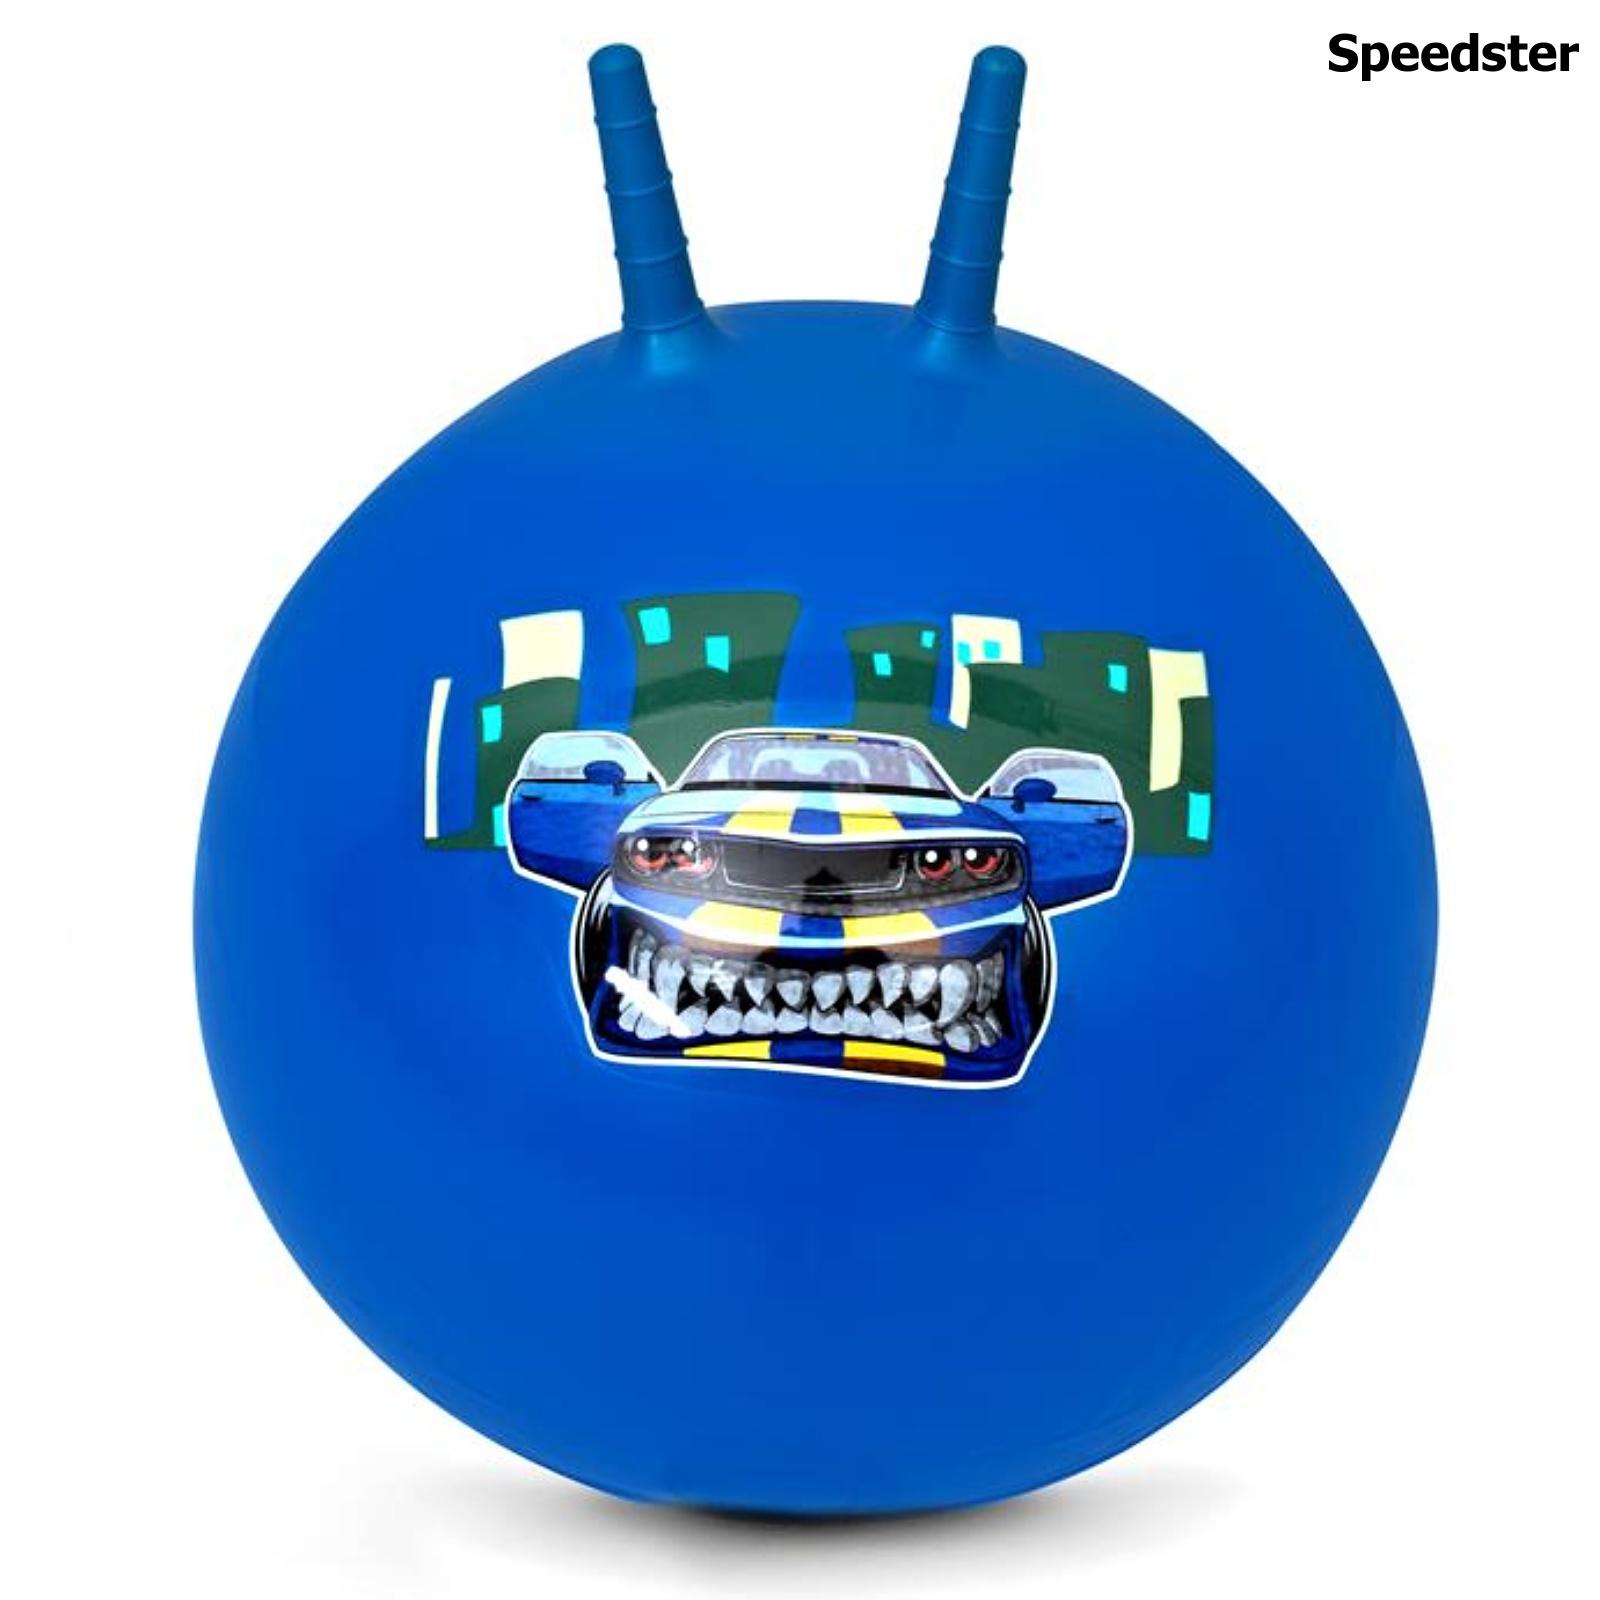 Skákací míč SPOKEY 60 cm Speedster